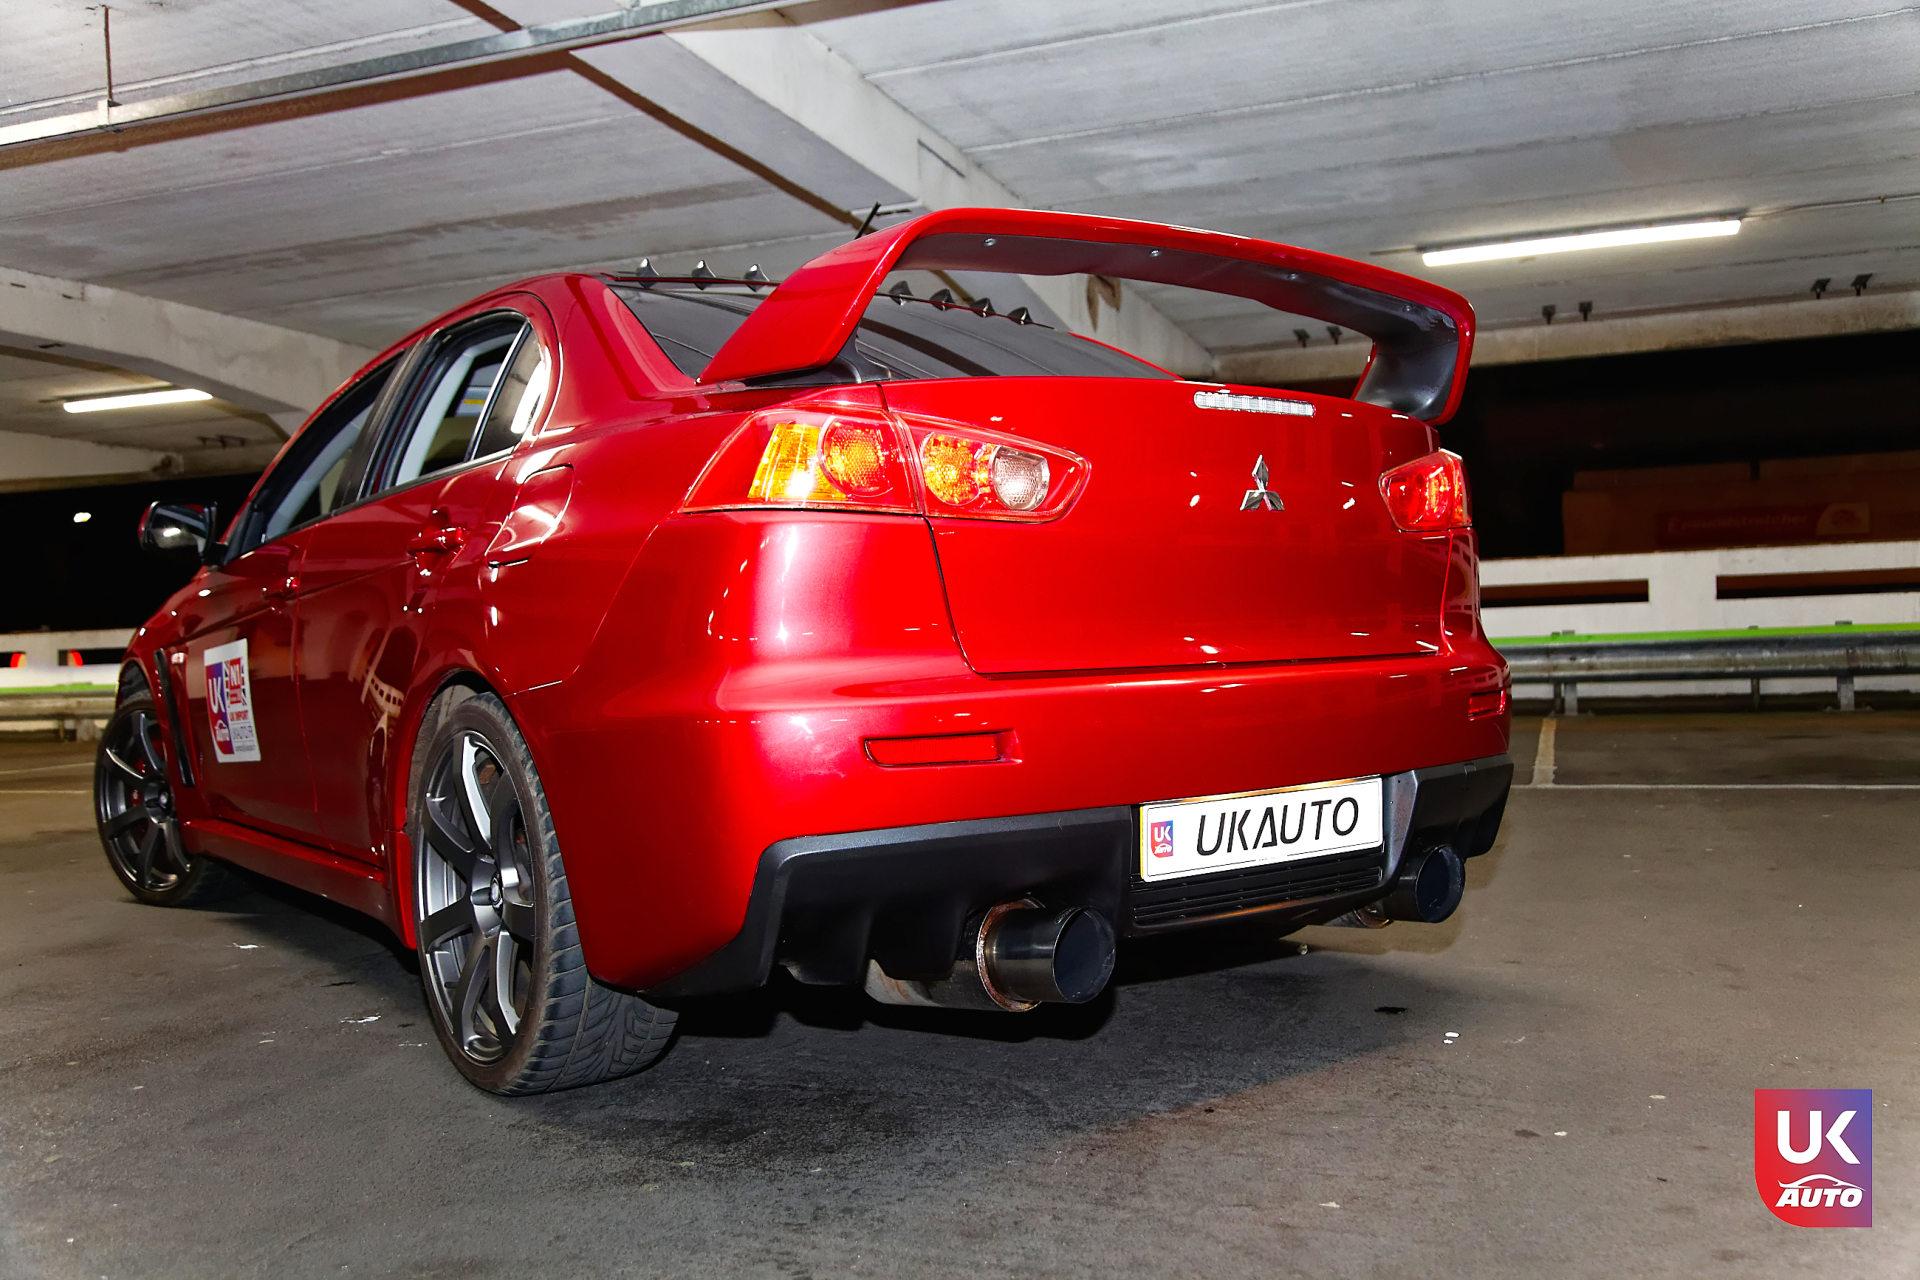 Mitsubishi Lancer evolution x GSR FQ 300 evo uk import voiture occasion4 DxO - Import Mitsubishi angleterre Lancer evolution x GSR FQ 300 Mitsubishi Import voiture Angleterre Autoscout angleterre